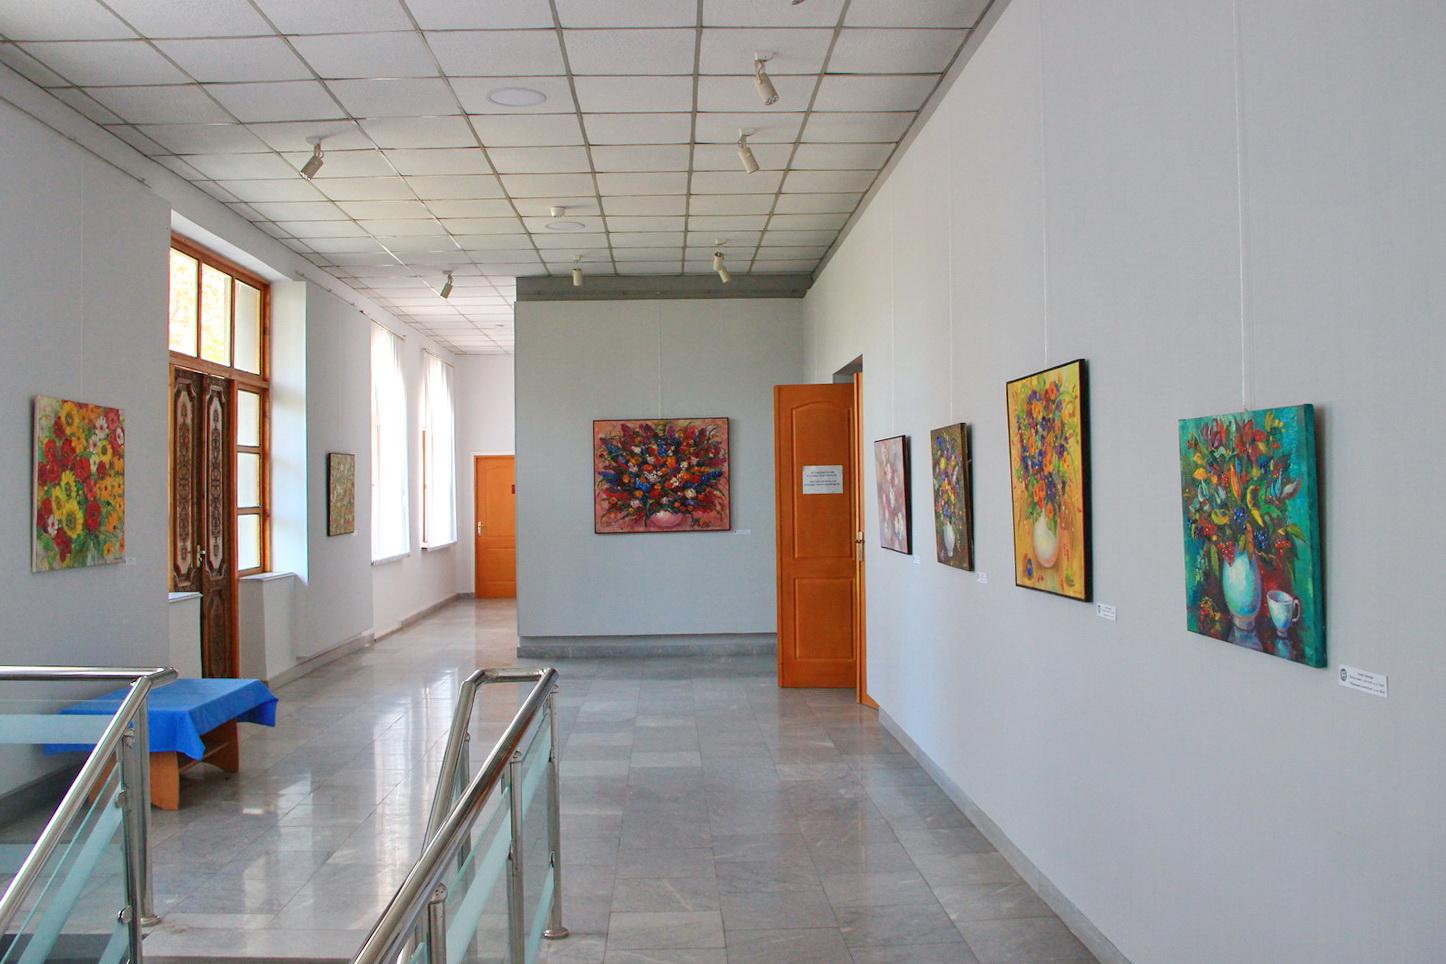 Экспозиция работ Оксаны Залевской.